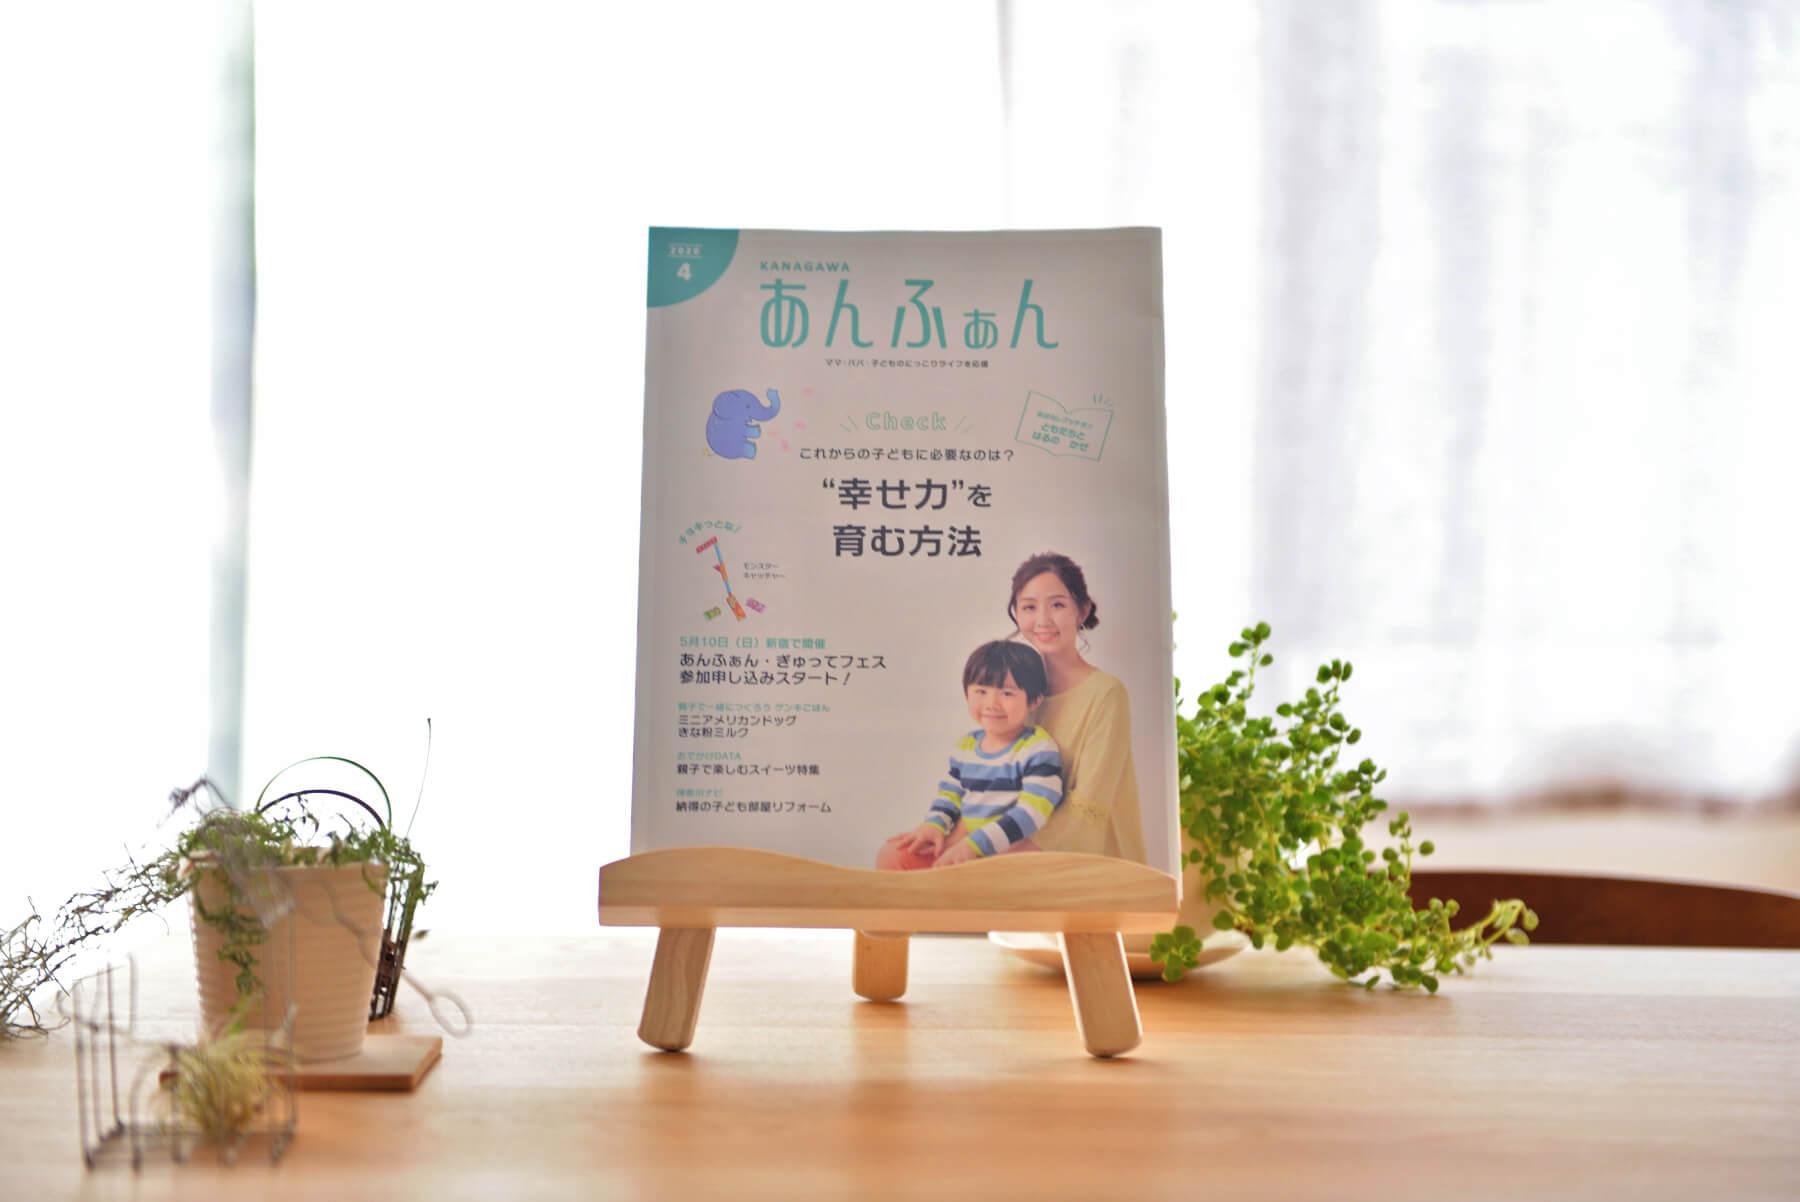 3/6 情報誌「あんふぁん神奈川版 春休み号」に掲載されました